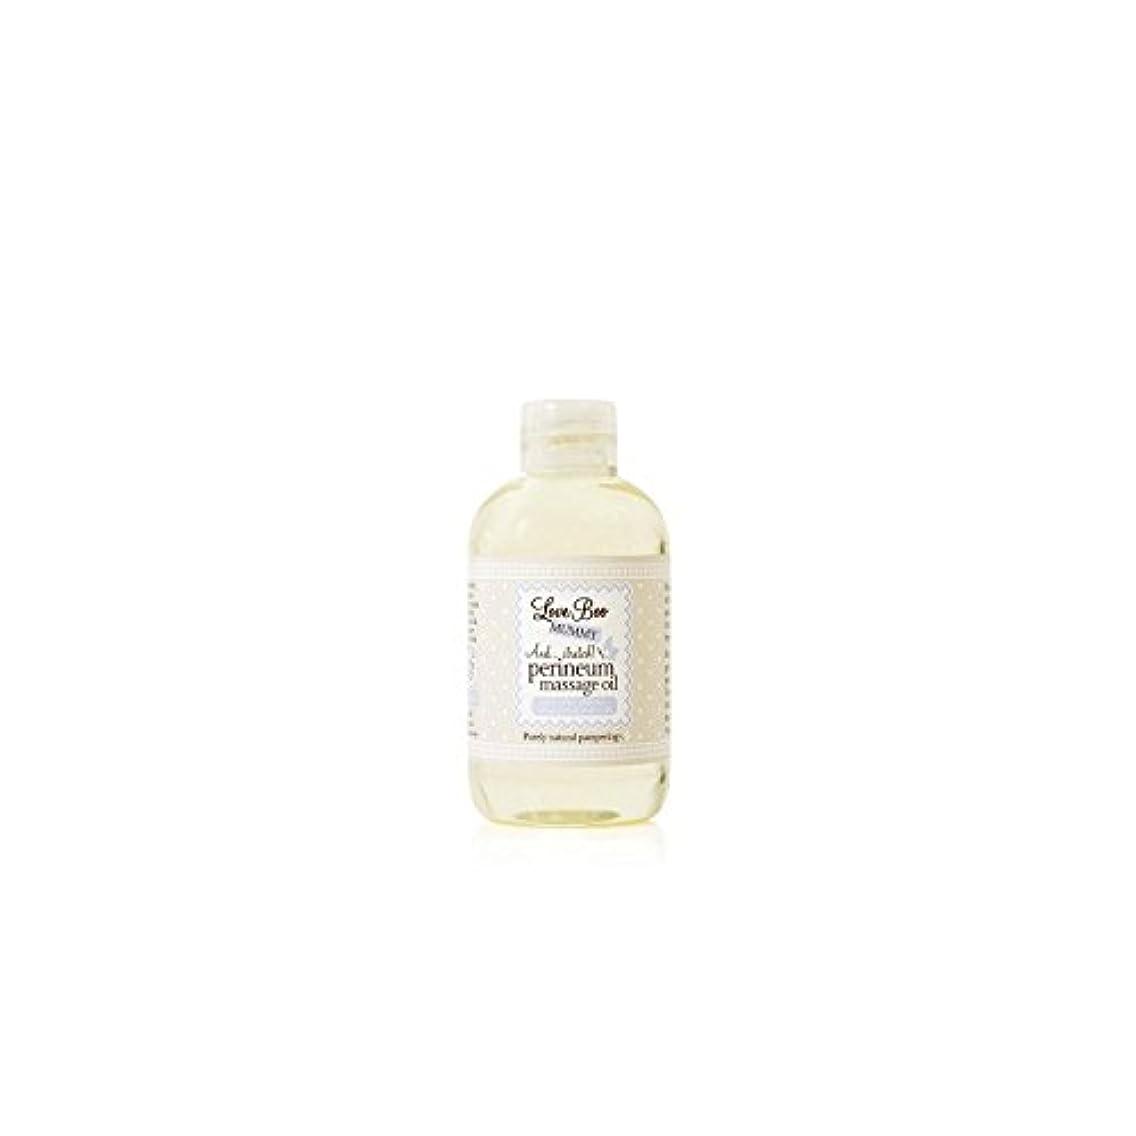 振るモス申込み会陰マッサージオイル(100)にブーイングの愛 x4 - Love Boo Perineum Massage Oil (100ml) (Pack of 4) [並行輸入品]